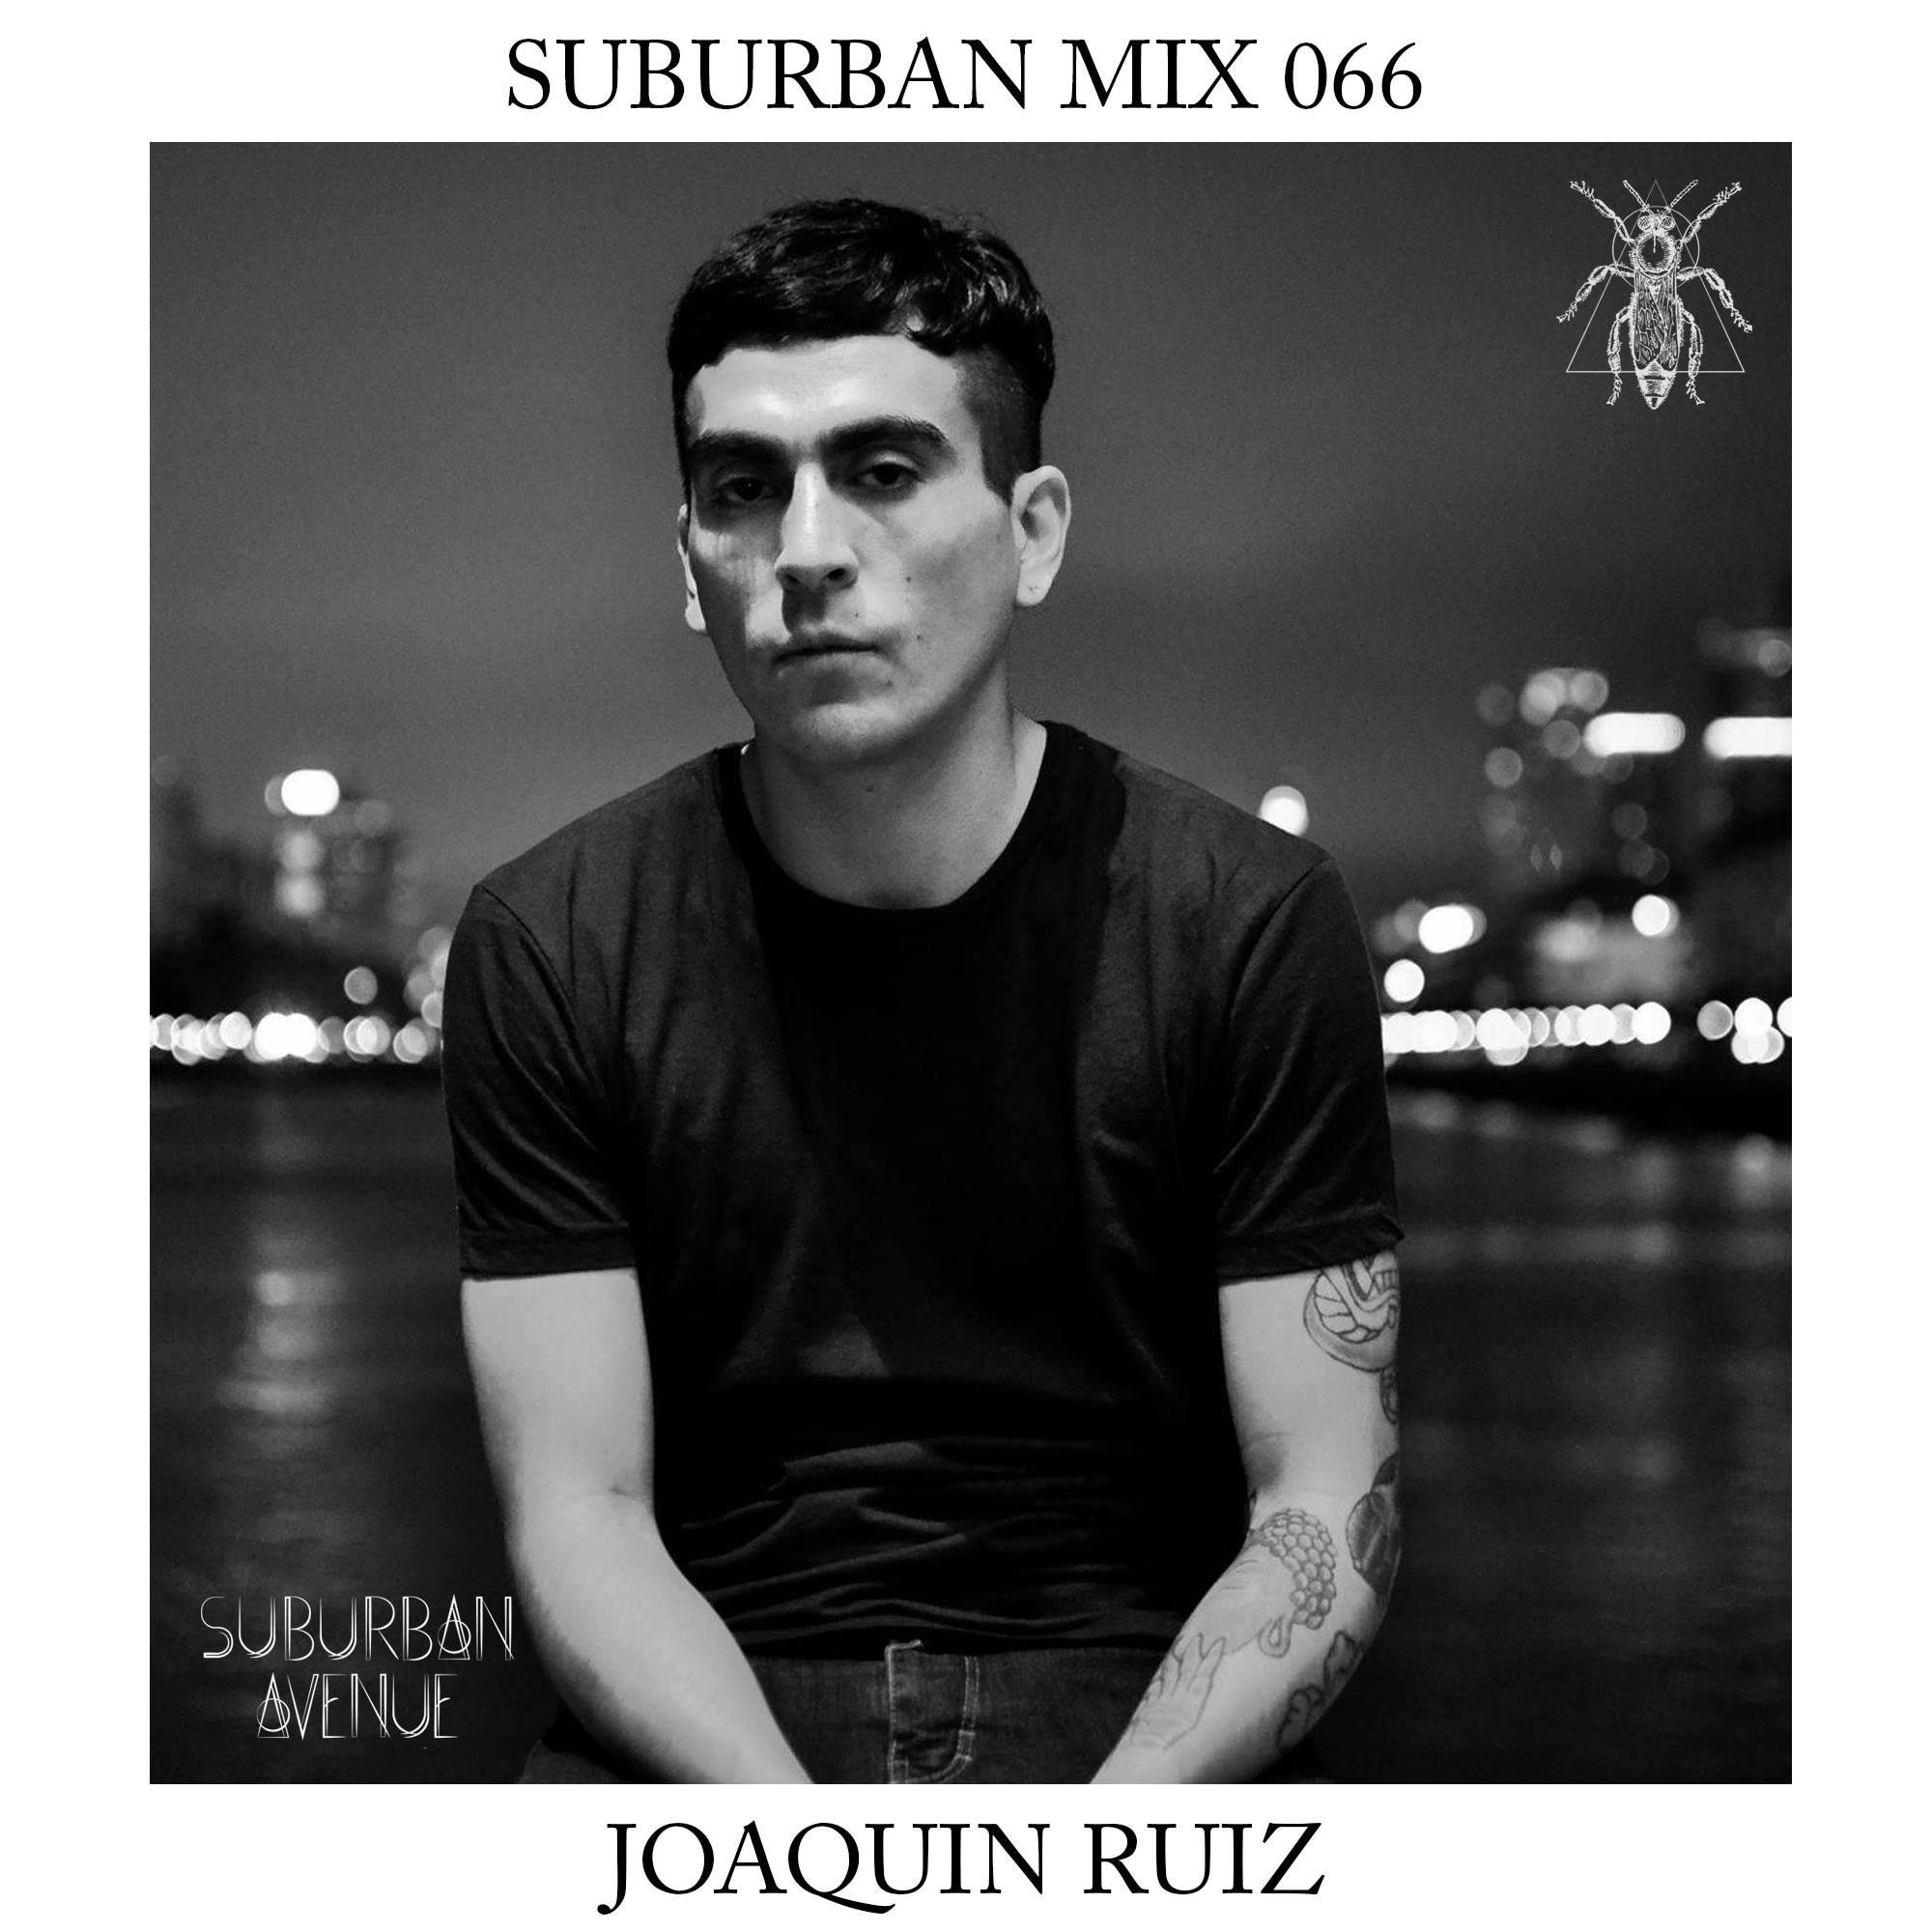 Suburban Mix 066 - Joaquin Ruiz